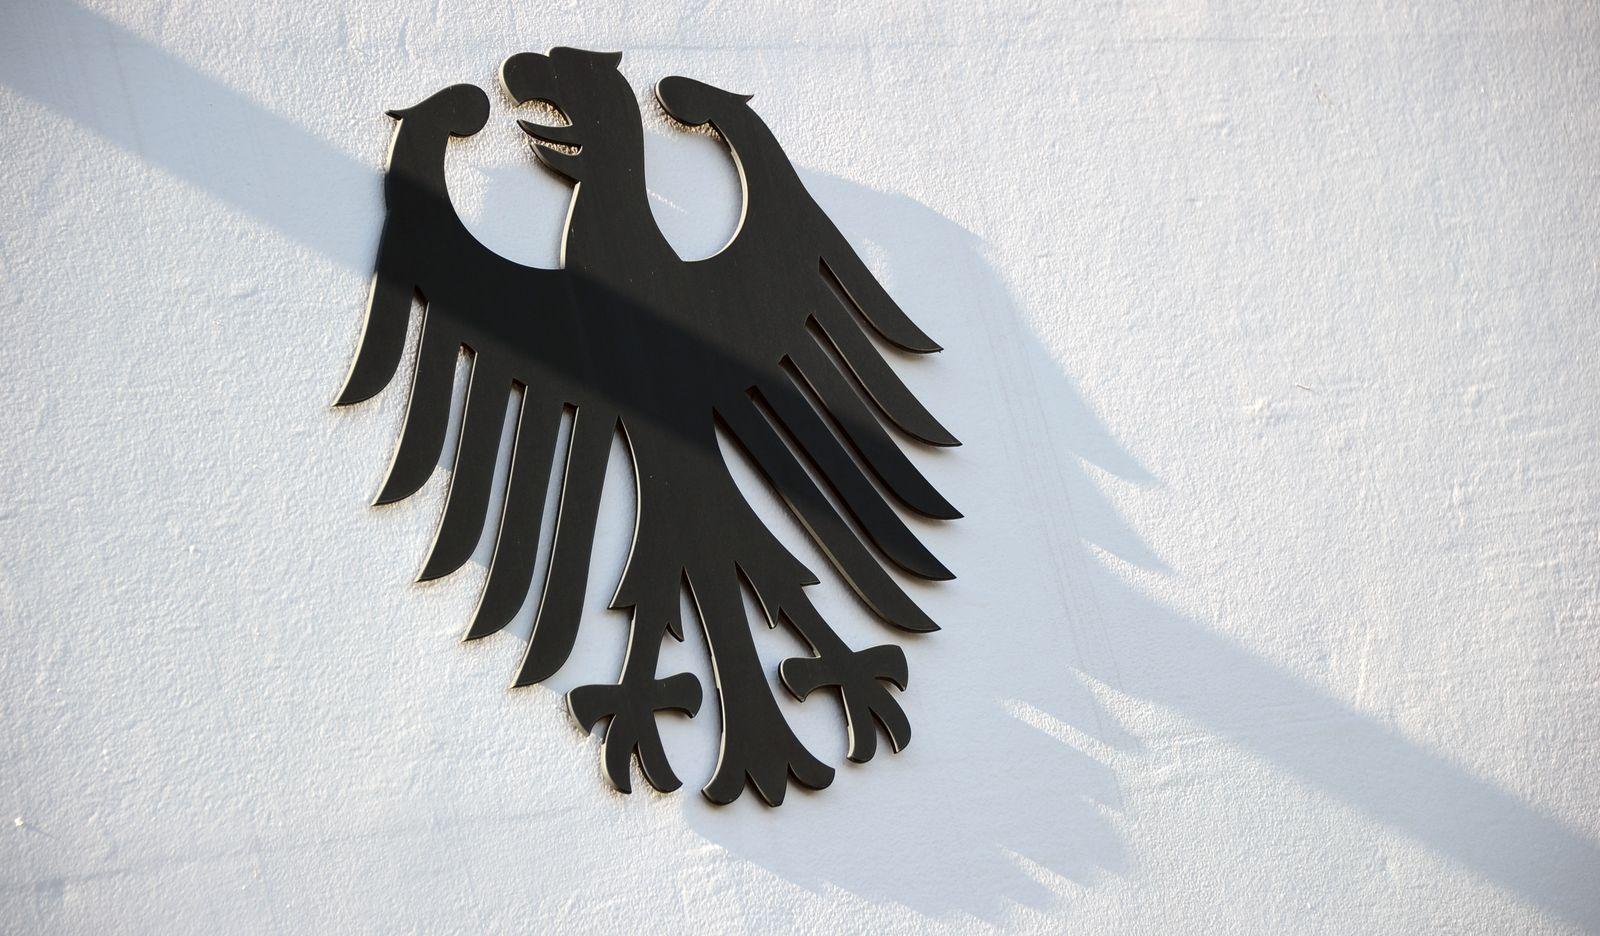 NICHT VERWENDEN Bundesverfassungsgericht Bundesadler